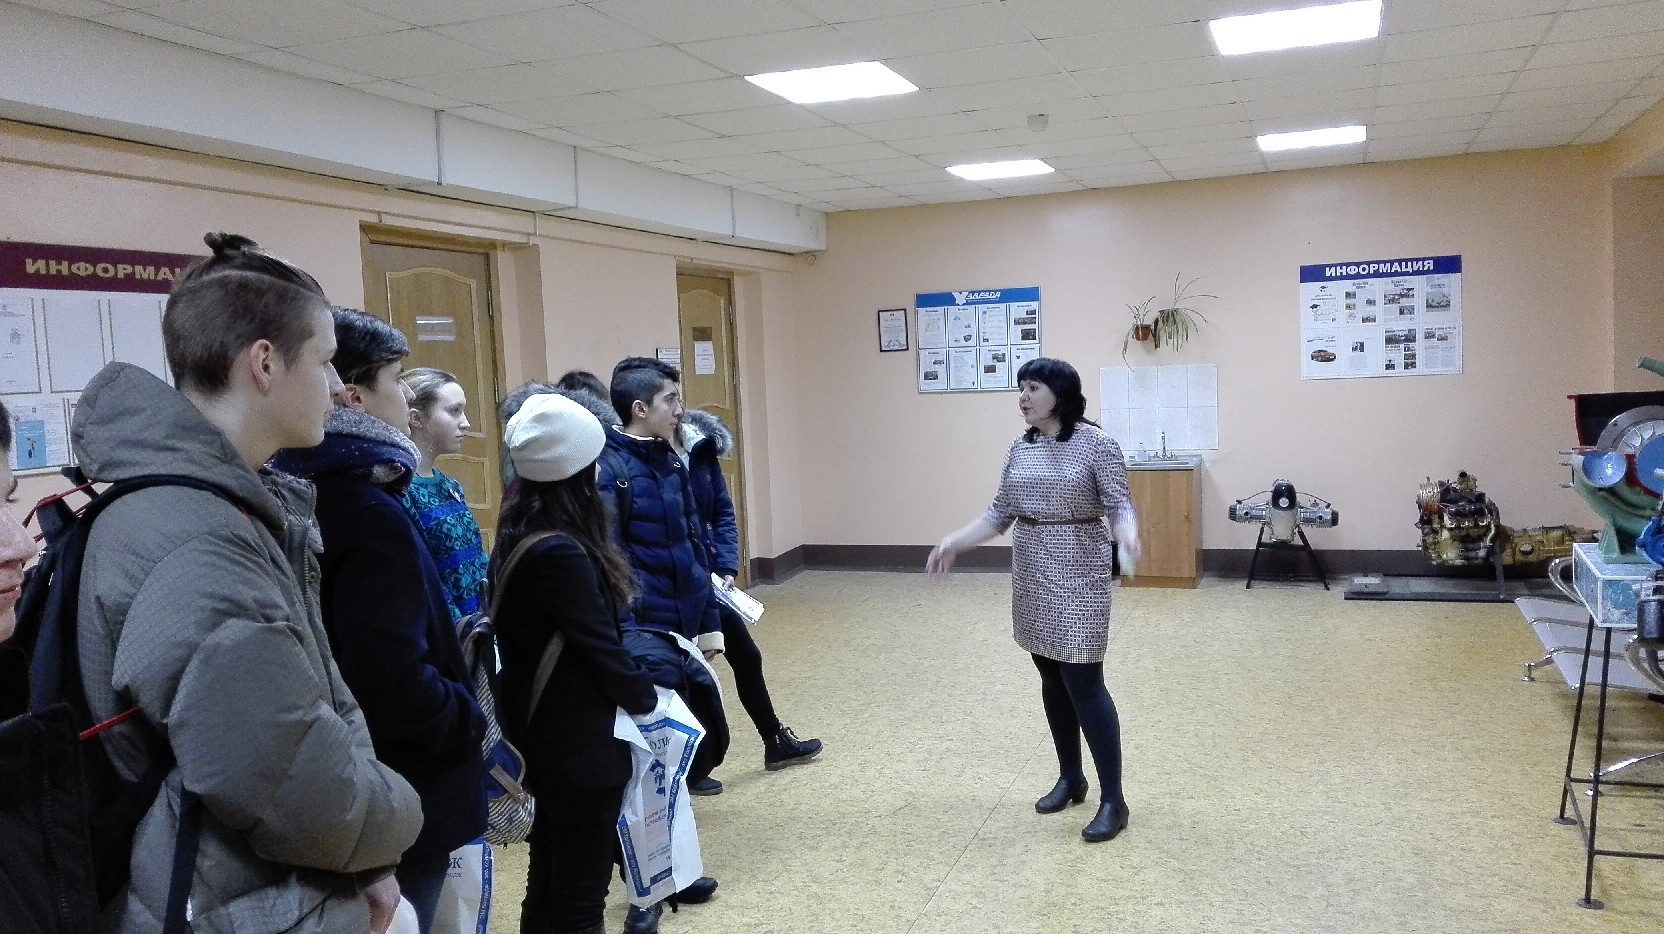 Досуг Глазурная проститутки-индивидуалки питера плошать ленина метро